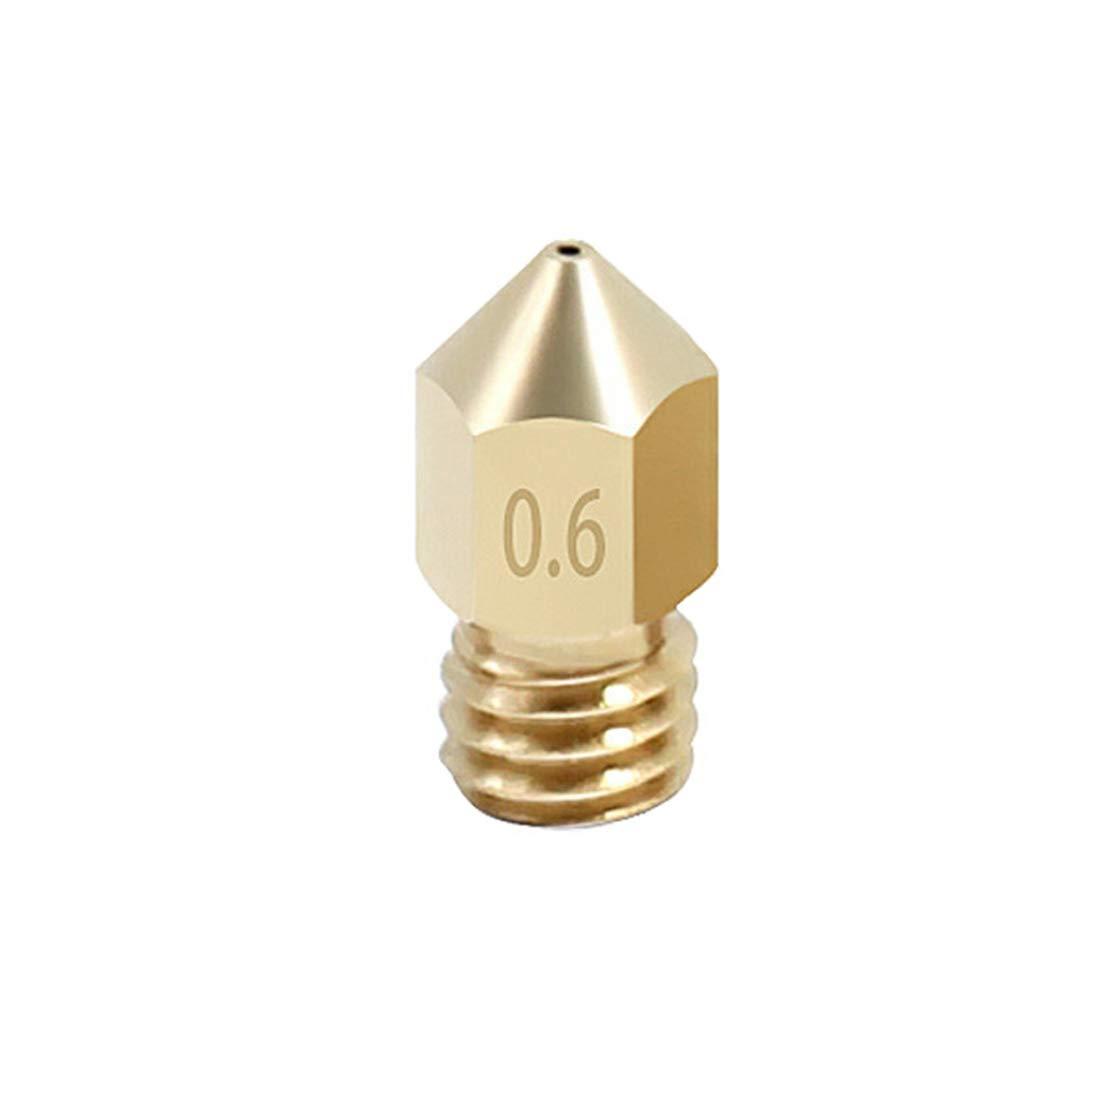 Ender 3 Pro Nozzle 0.6 mm